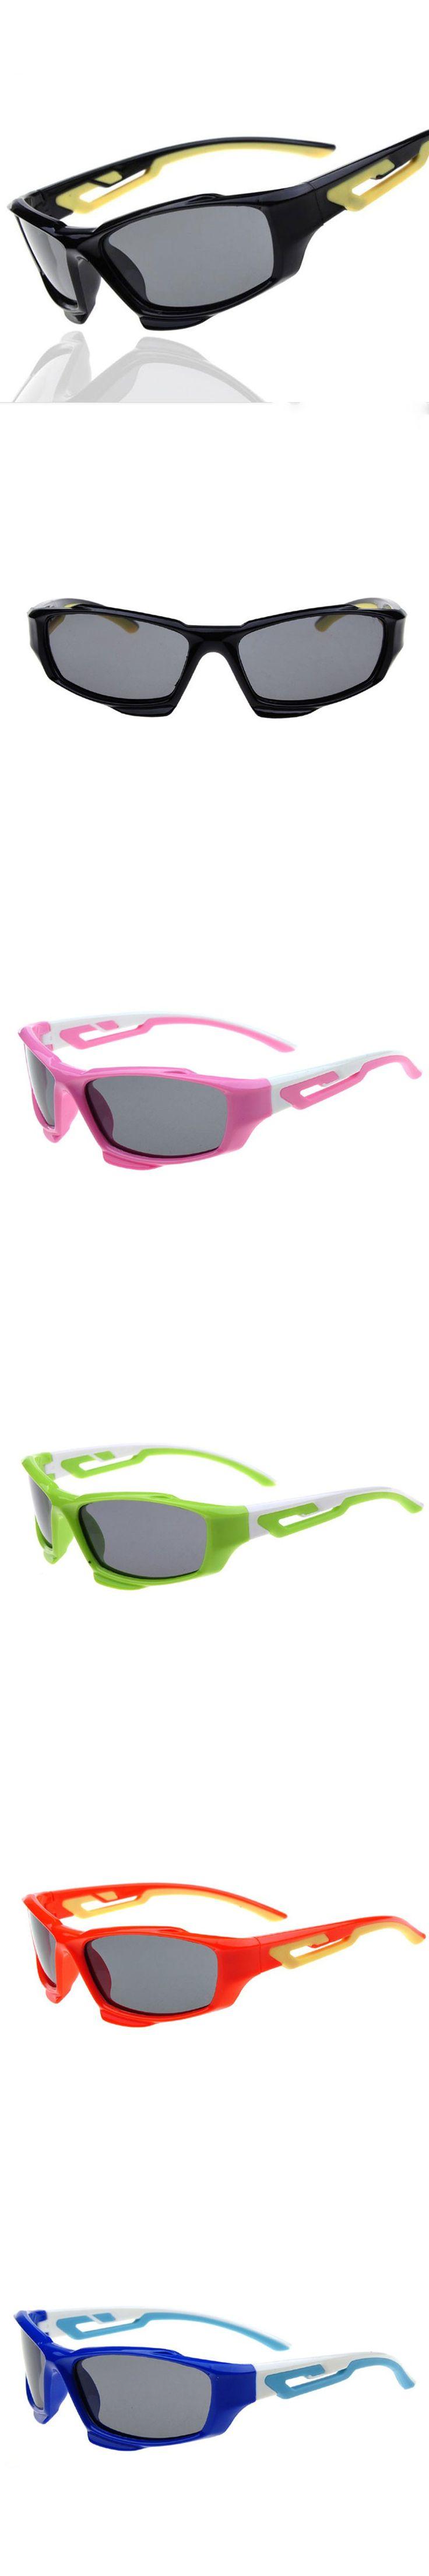 New Kids TAC Polarized Sunglasses Summer Goggles Baby Children Sunglass UV400 Sun Glasses Boy Girls Sport Glasses Shades 14816